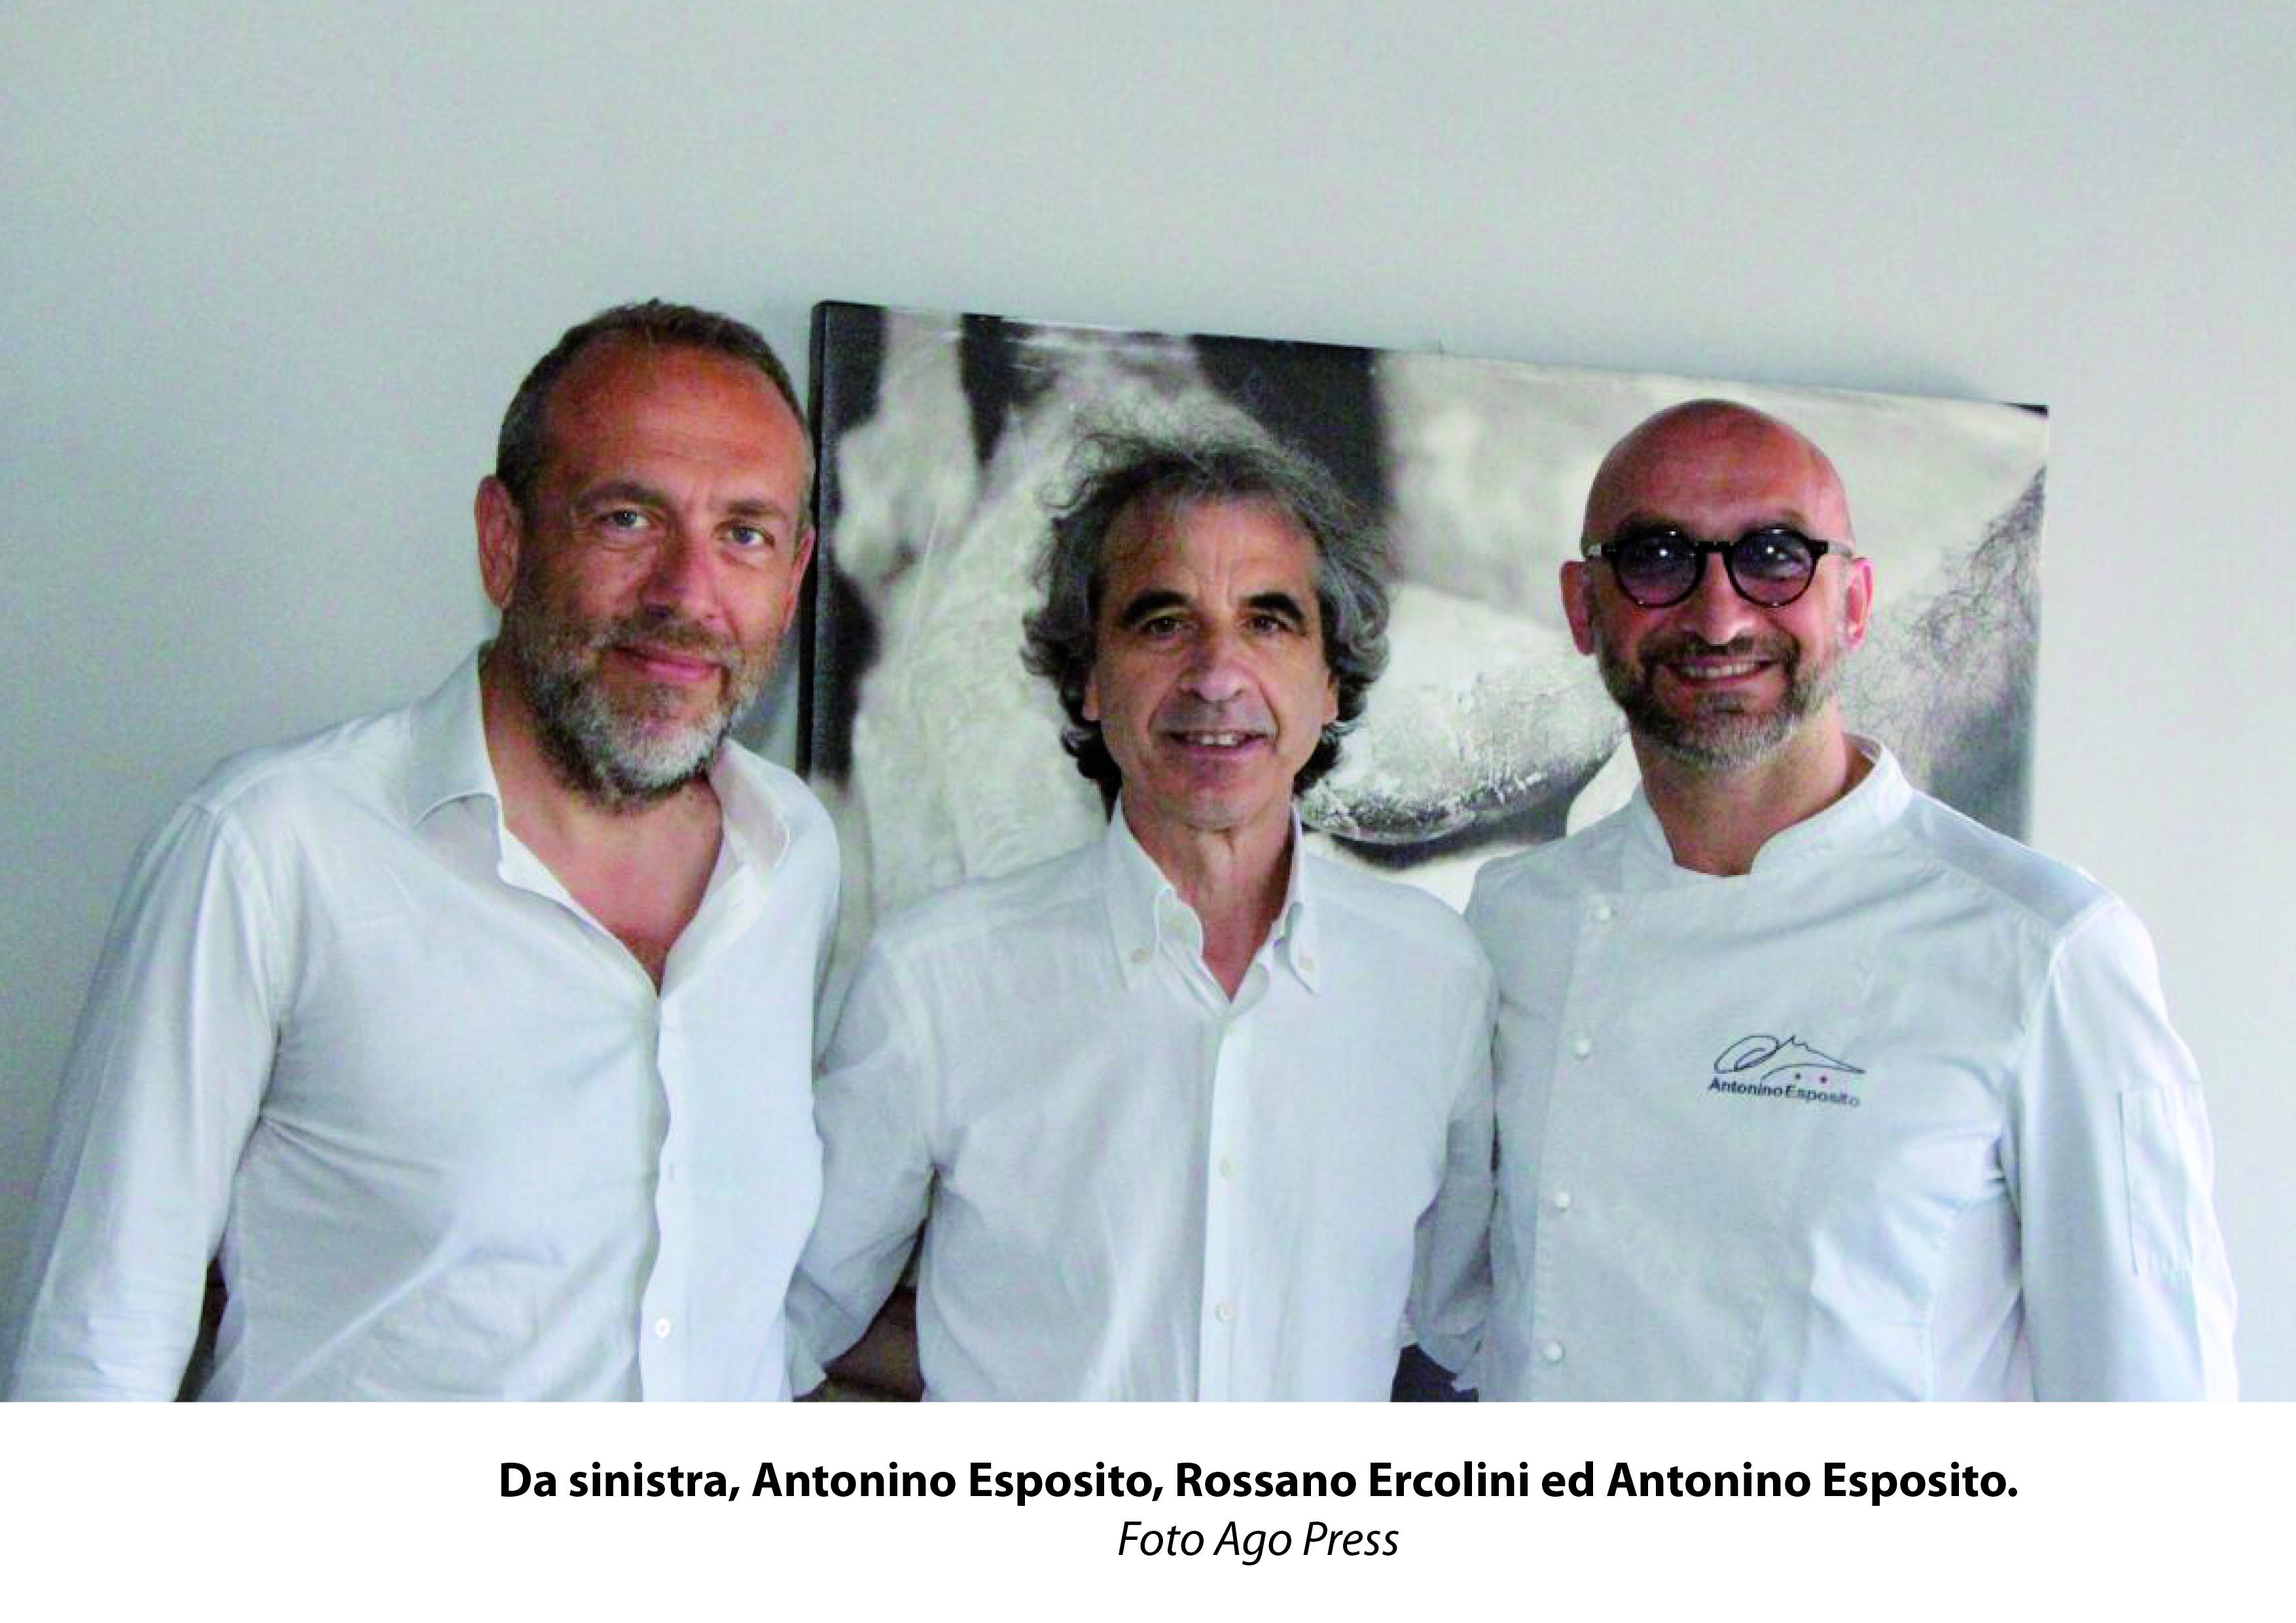 Antonino Esposito Rossano Ercolini